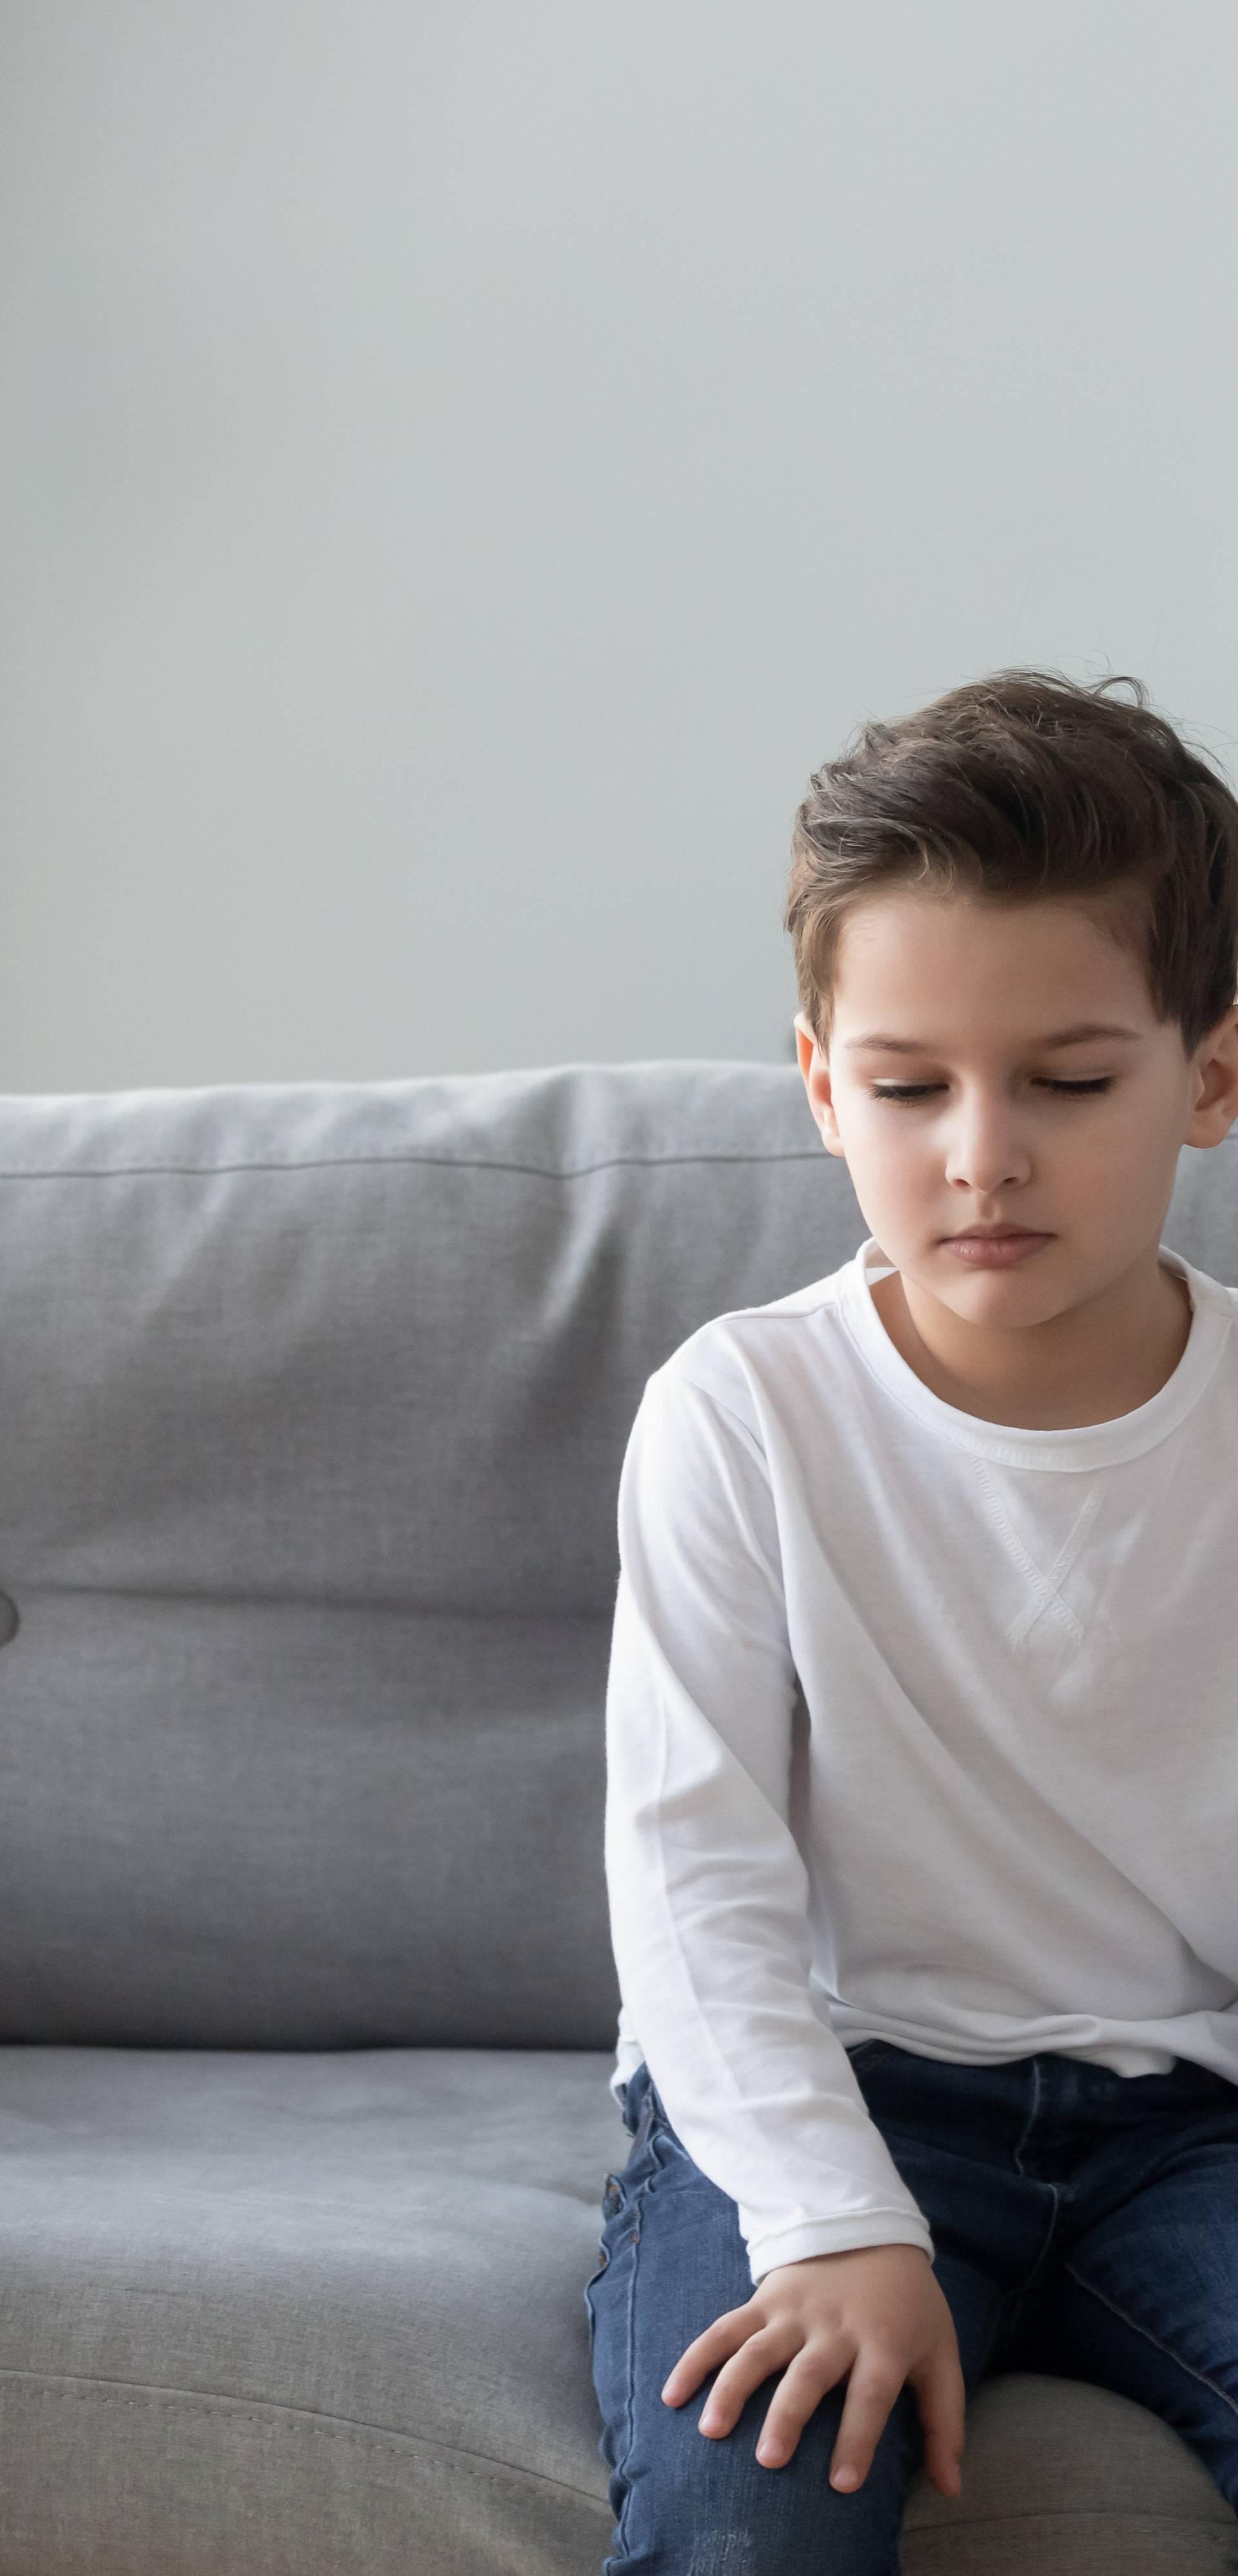 Kad jedan roditelj ne voli djecu: Strpljivi razgovor nudi rješenje